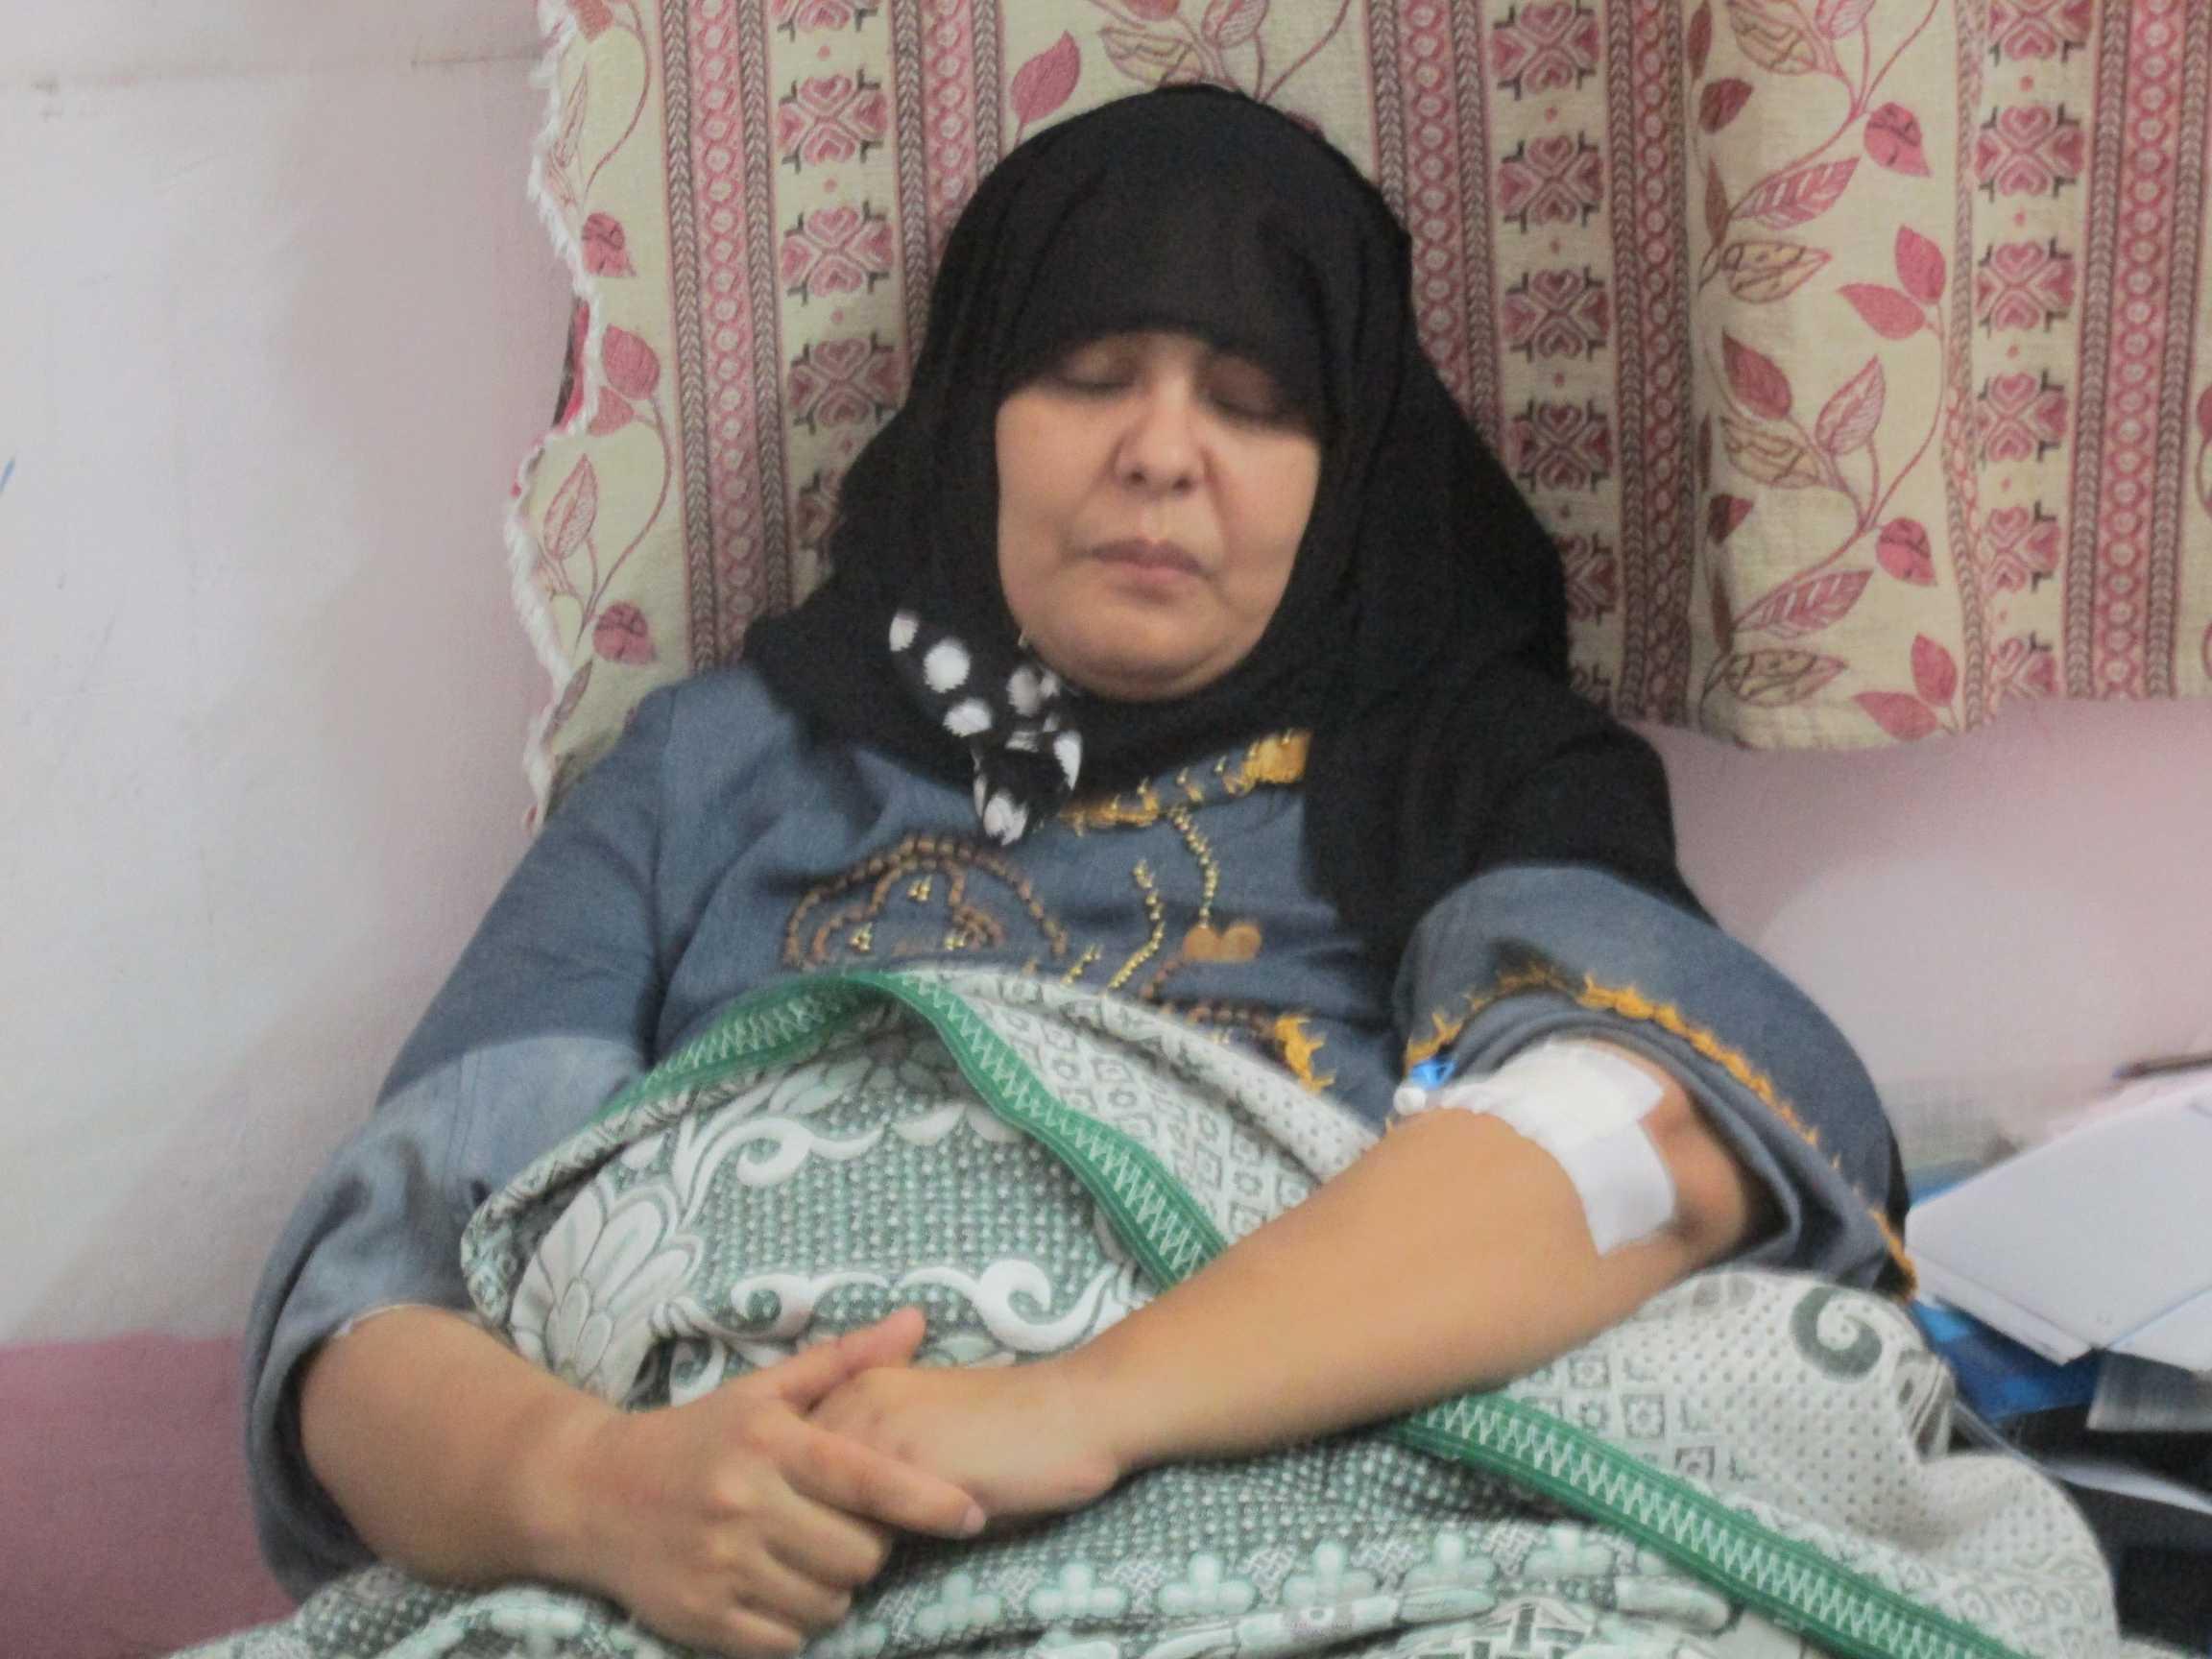 الممرضة منى امين موسى المضربة بحميات بورسعيد